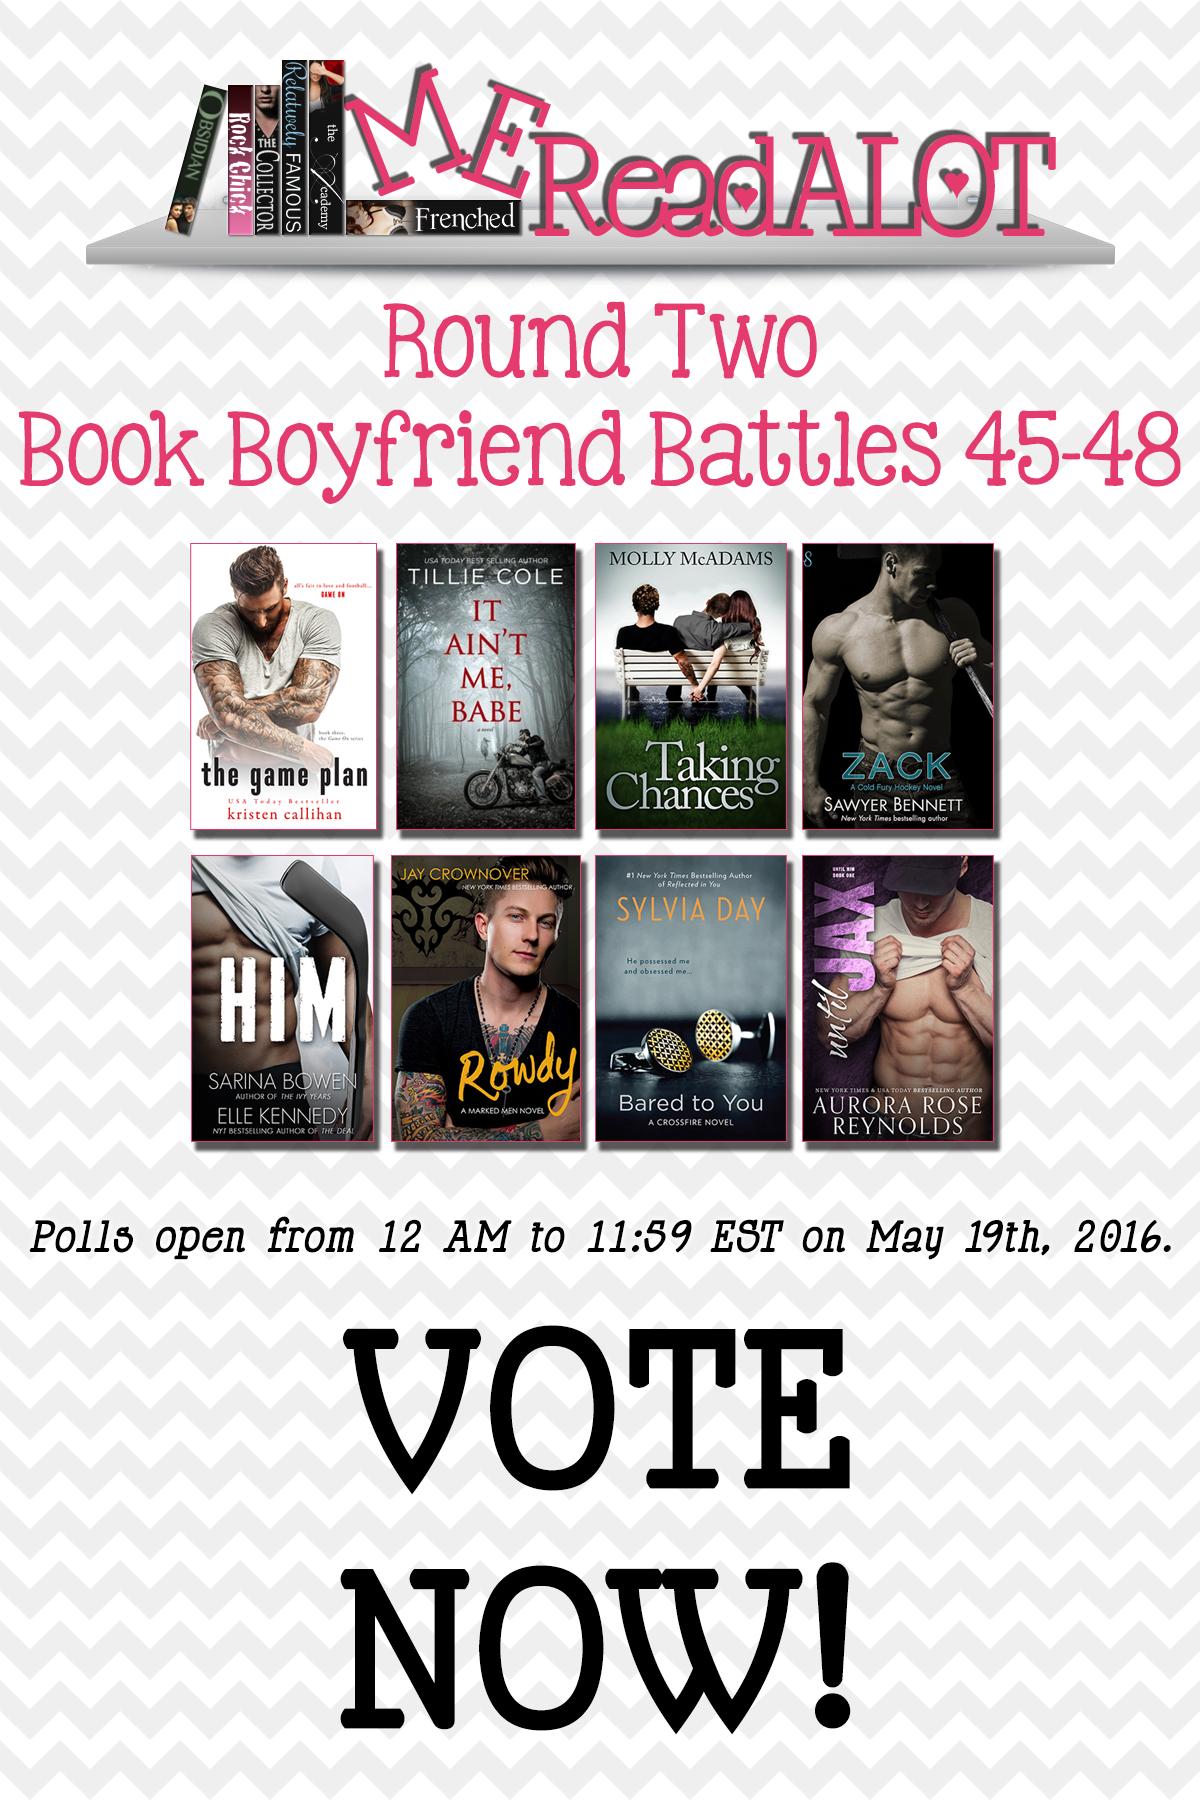 Book Boyfriend Battles 45-48